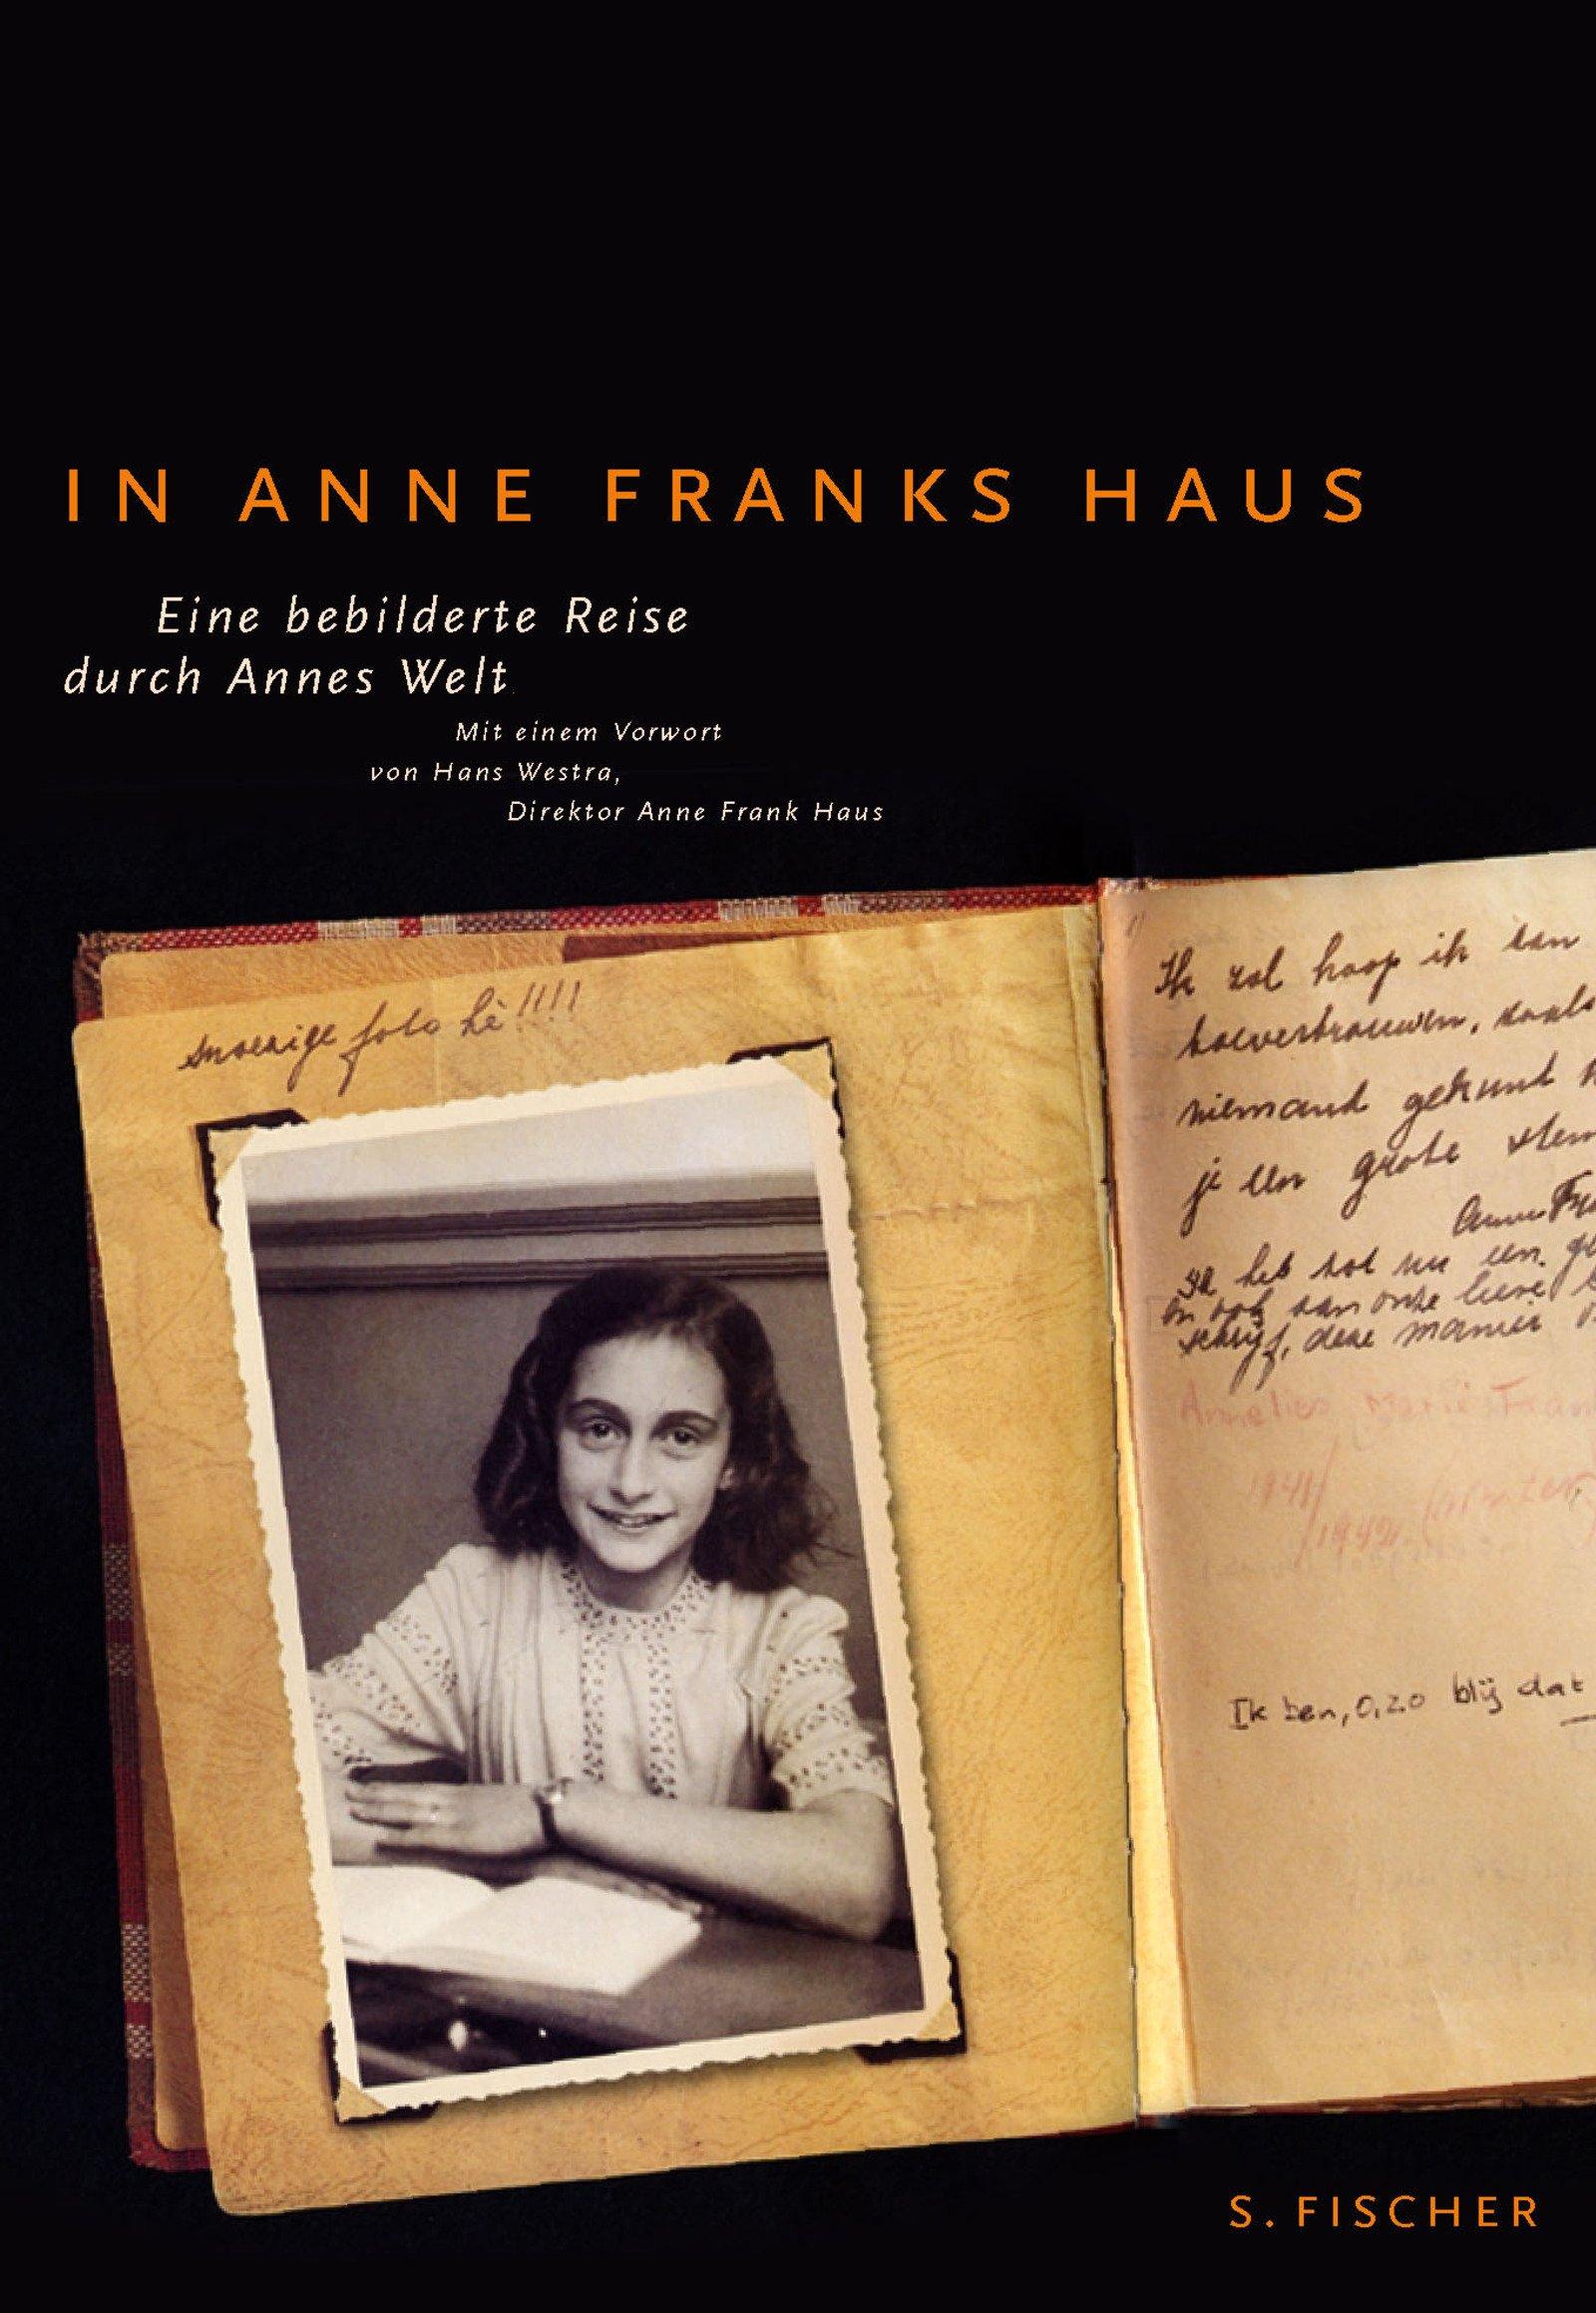 In Anne Franks Haus: Eine bebilderte Reise durch Annes Welt